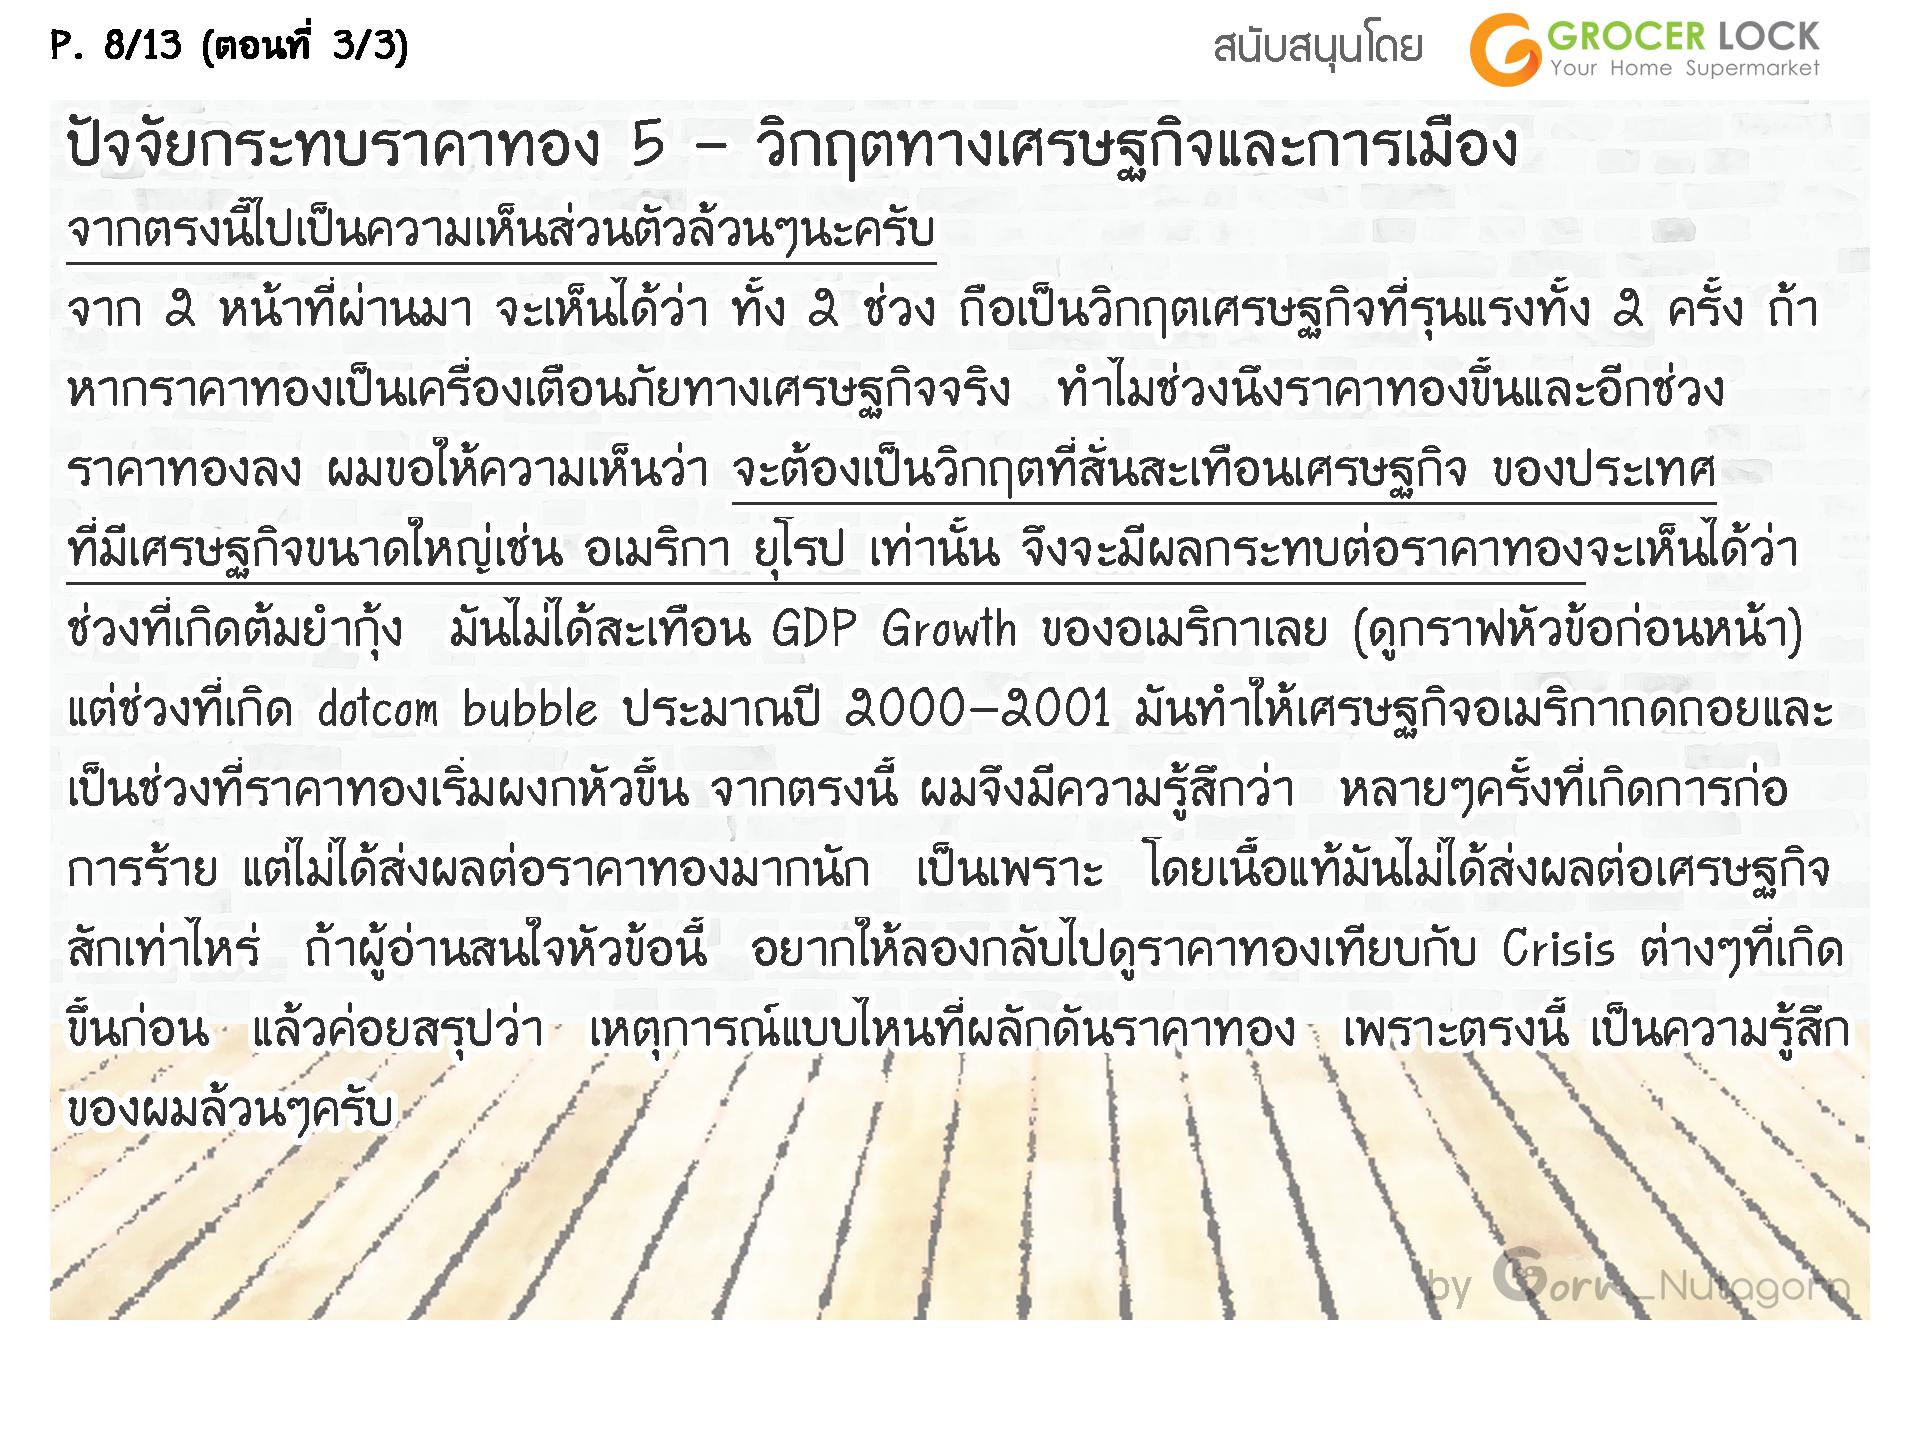 gornnutagorn_gold_price_factors_3_8